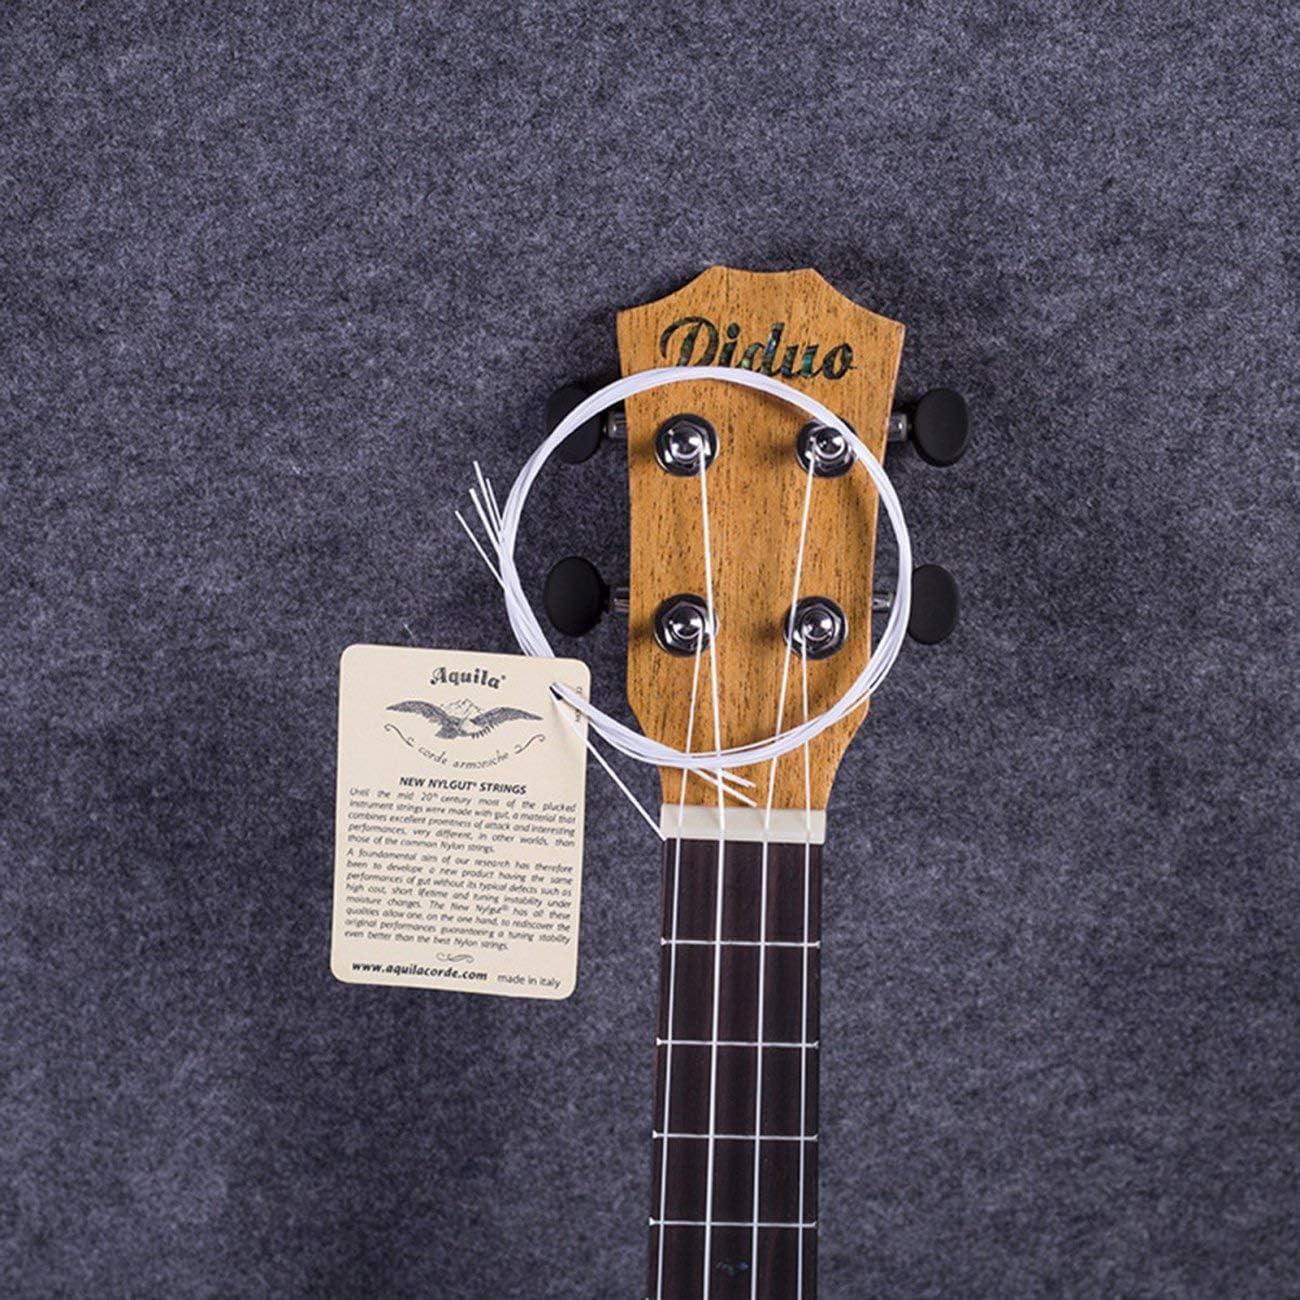 JIUY Ukulele//Cordes de guitare en nylon blanc Cordes pi/èce de rechange pour universel 21//23 26po Ukulele//Pi/èces guitare Blanc